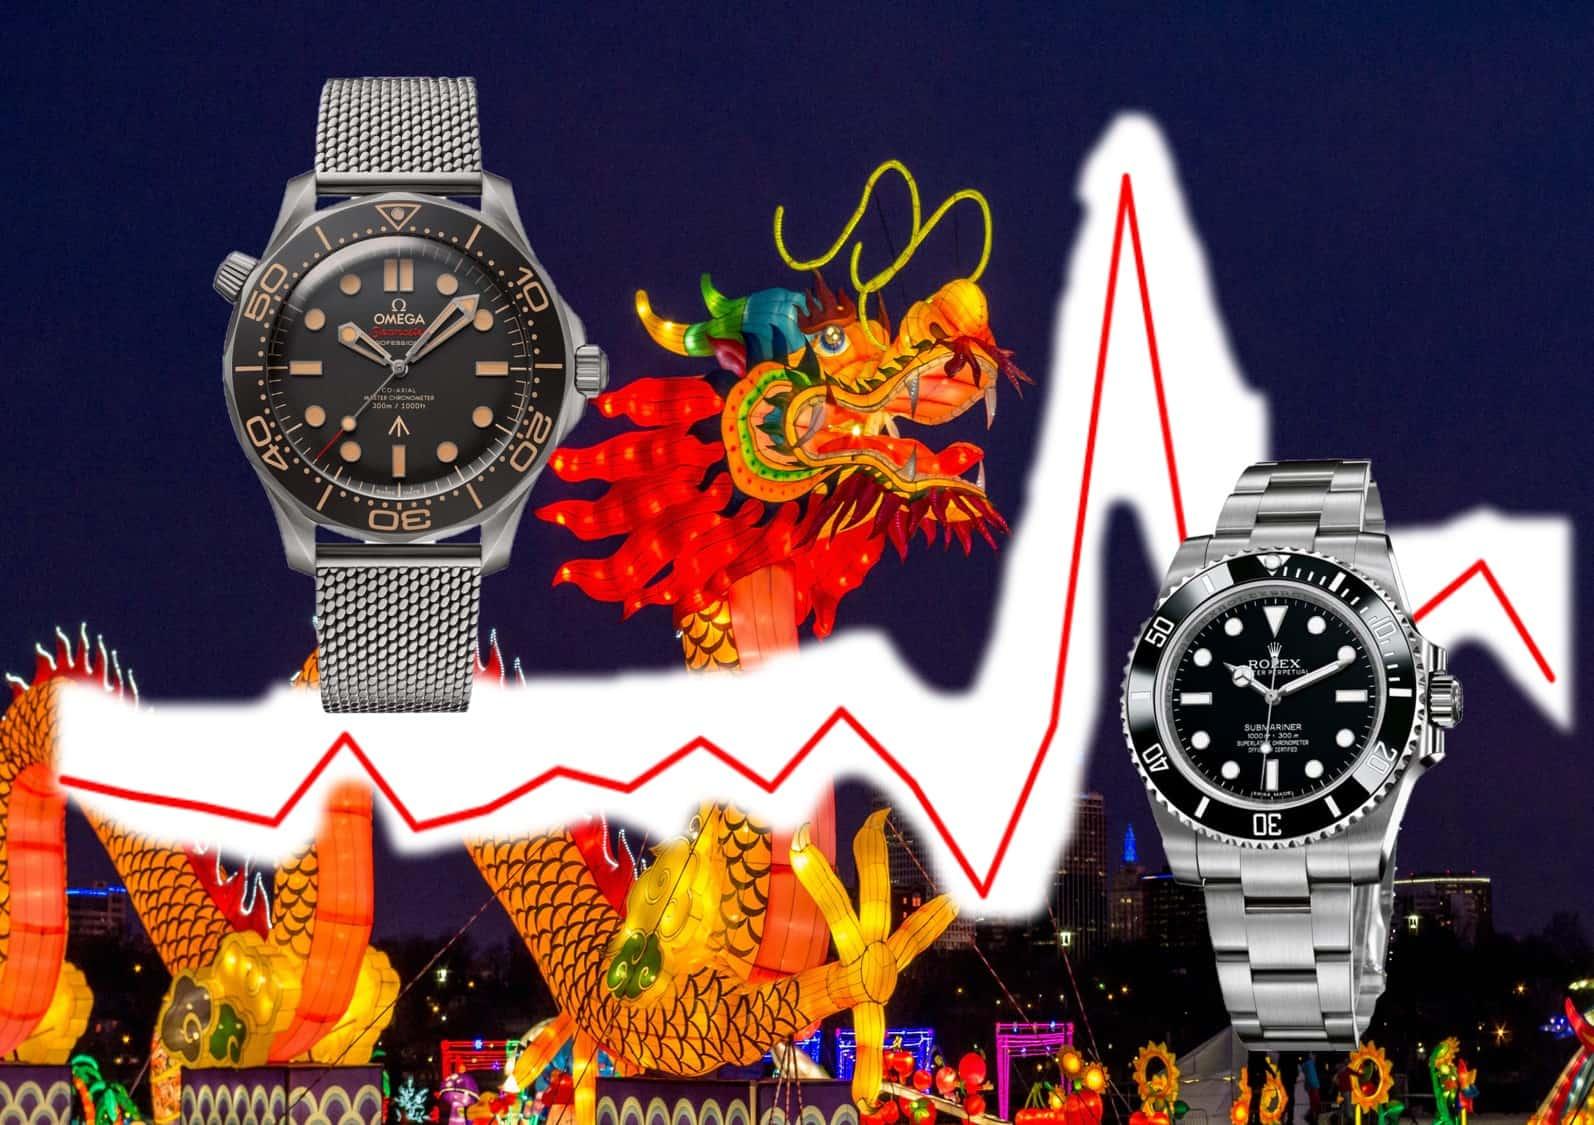 Schweizer Uhrenindustrie Exporte Oktober 2020Das Jahr des Drachen für die Schweizer Uhrenindustrie Exporte. China bestimmt die Richtung.